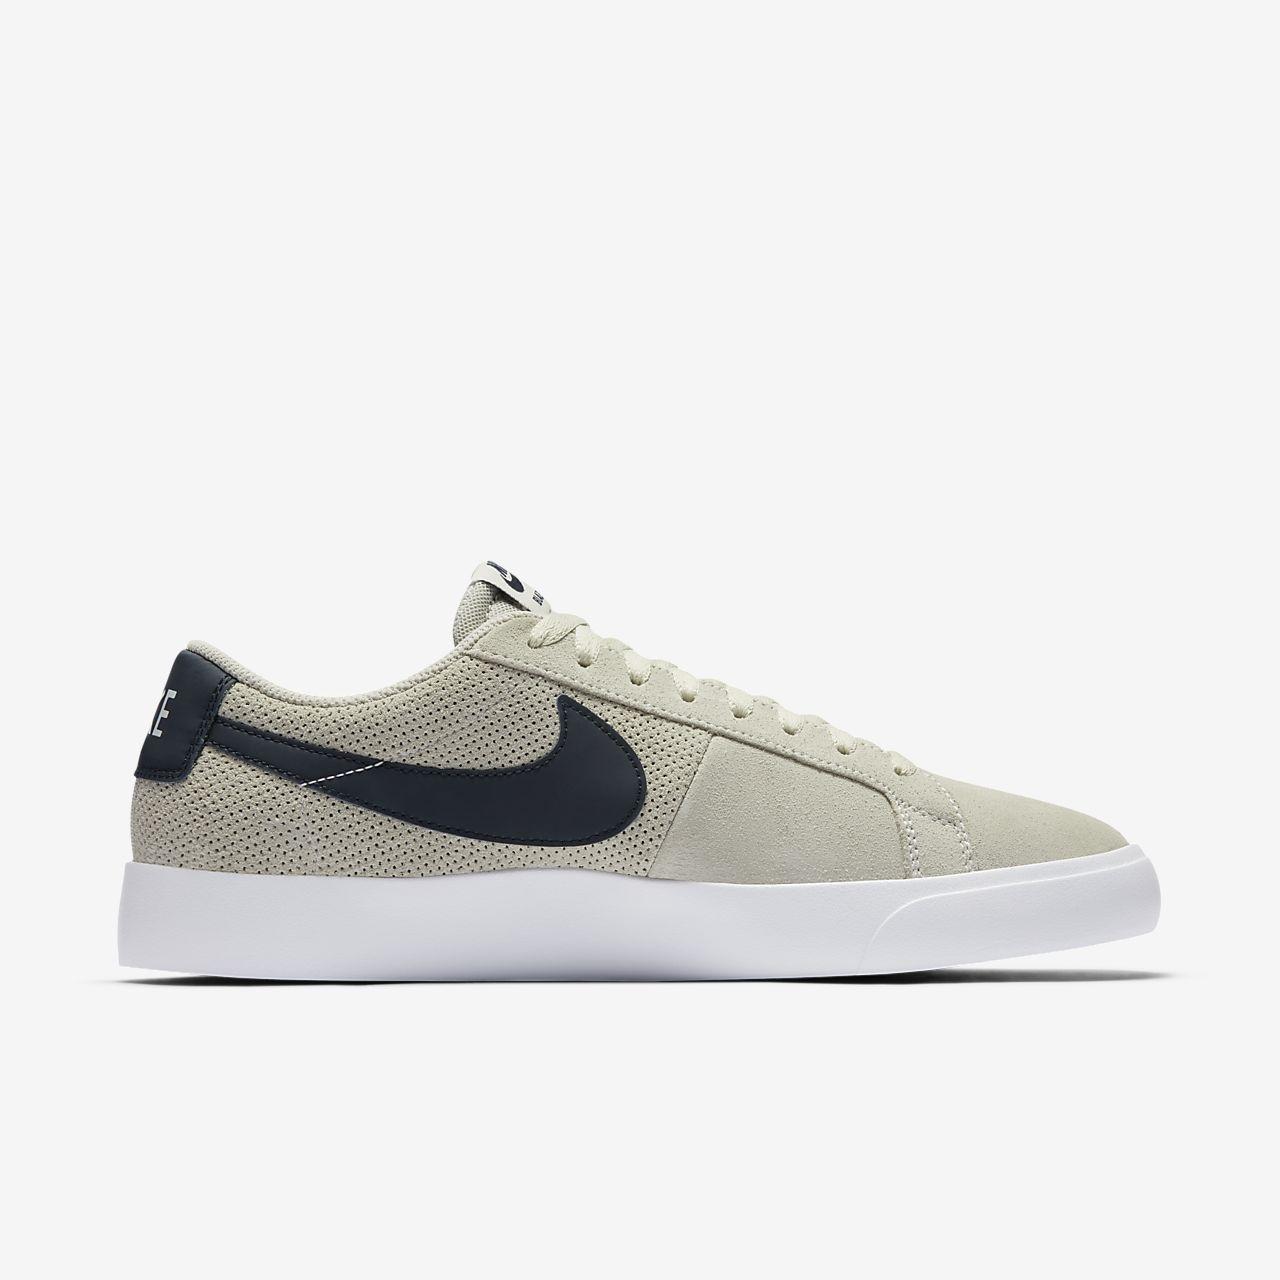 fcc41c84d17c Nike SB Blazer Vapor Men s Skateboarding Shoe  skateboardingshoes ...